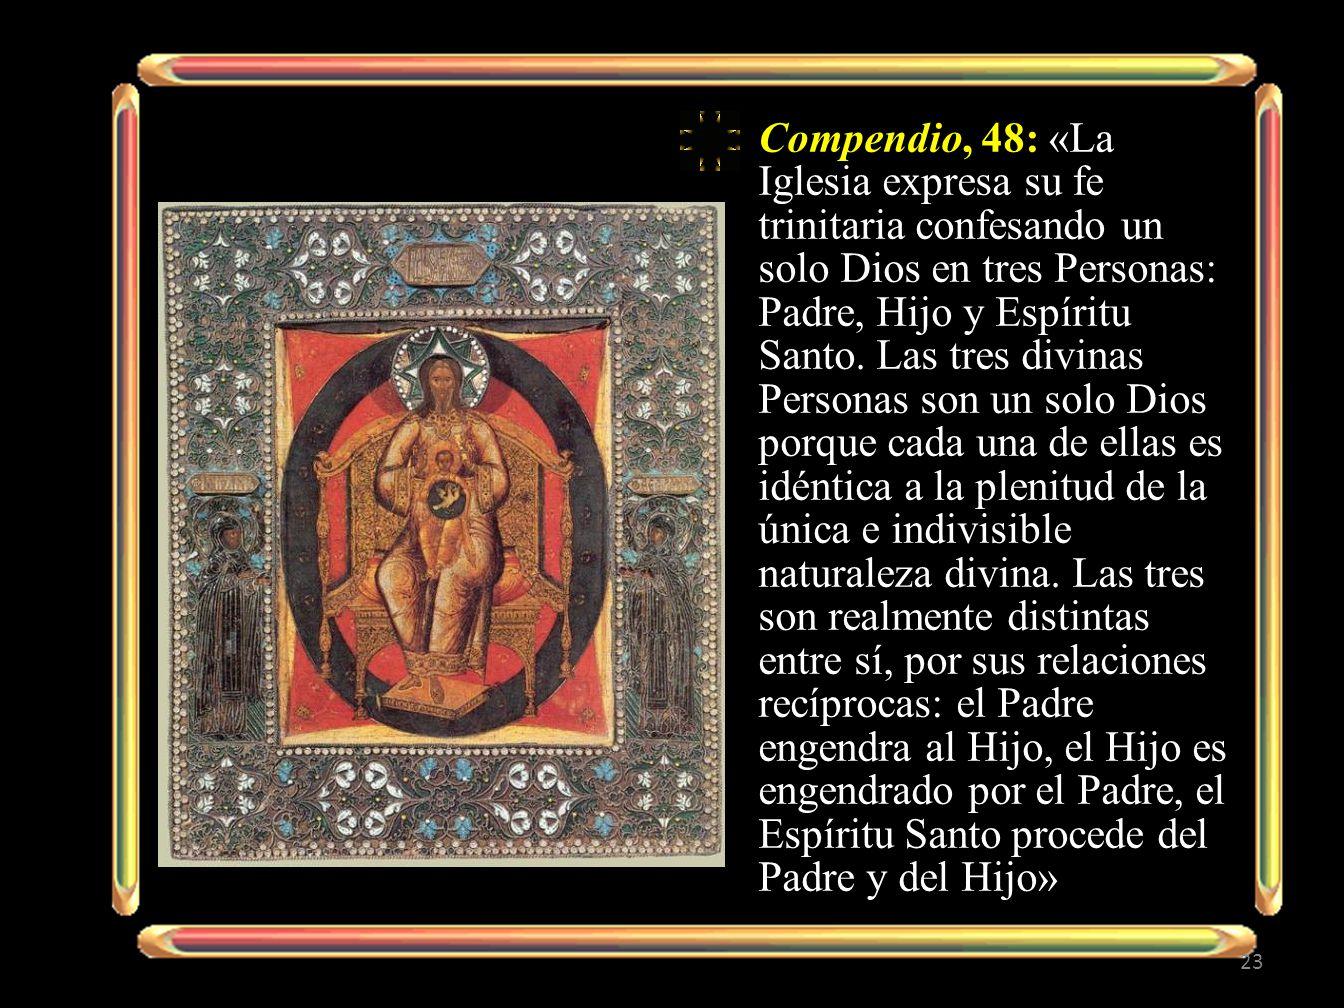 Compendio, 48: «La Iglesia expresa su fe trinitaria confesando un solo Dios en tres Personas: Padre, Hijo y Espíritu Santo.